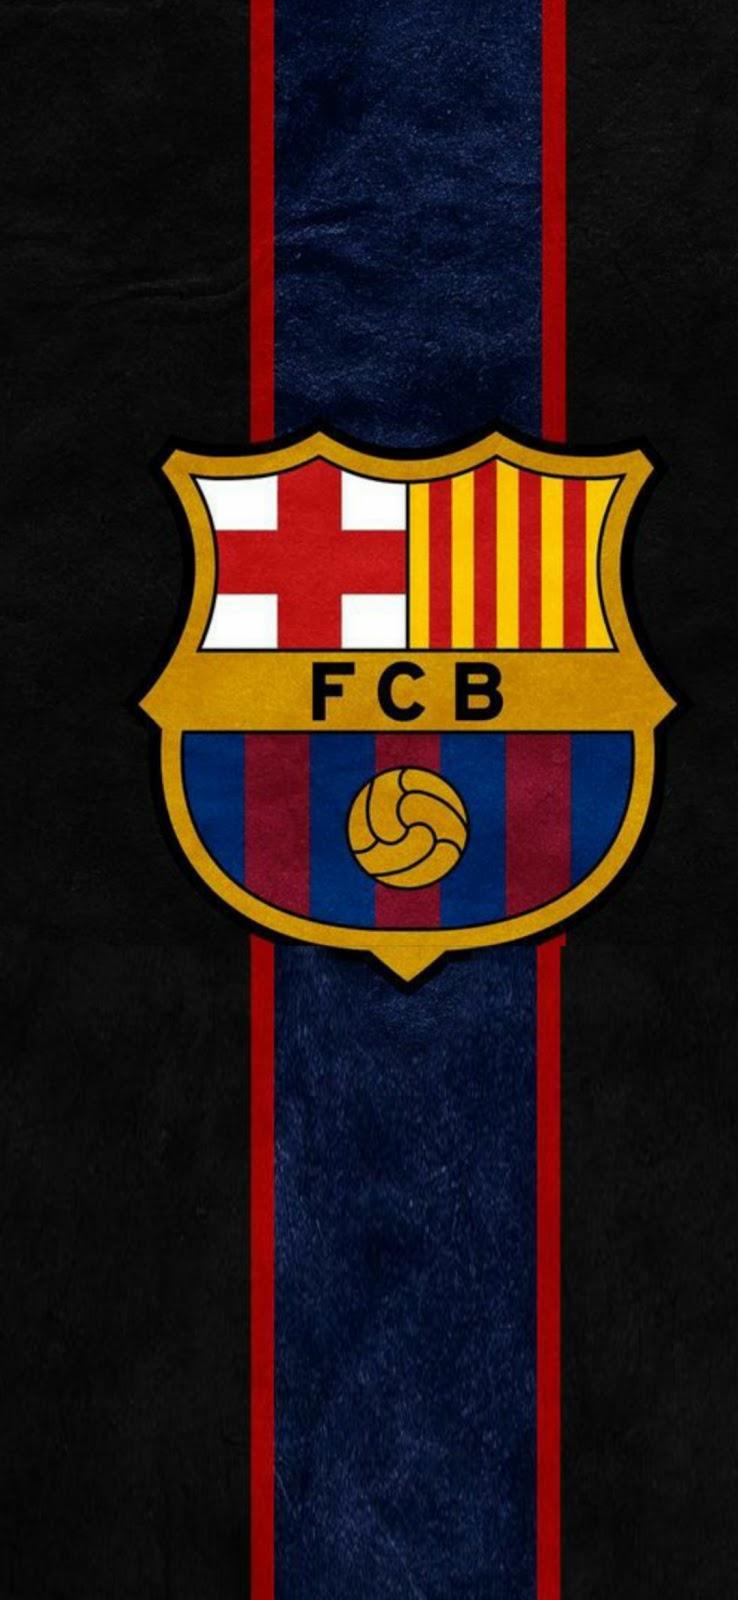 خلفيات نادي برشلونة للهواتف الذكية Best Fc Barcelona Wallpapers 2020